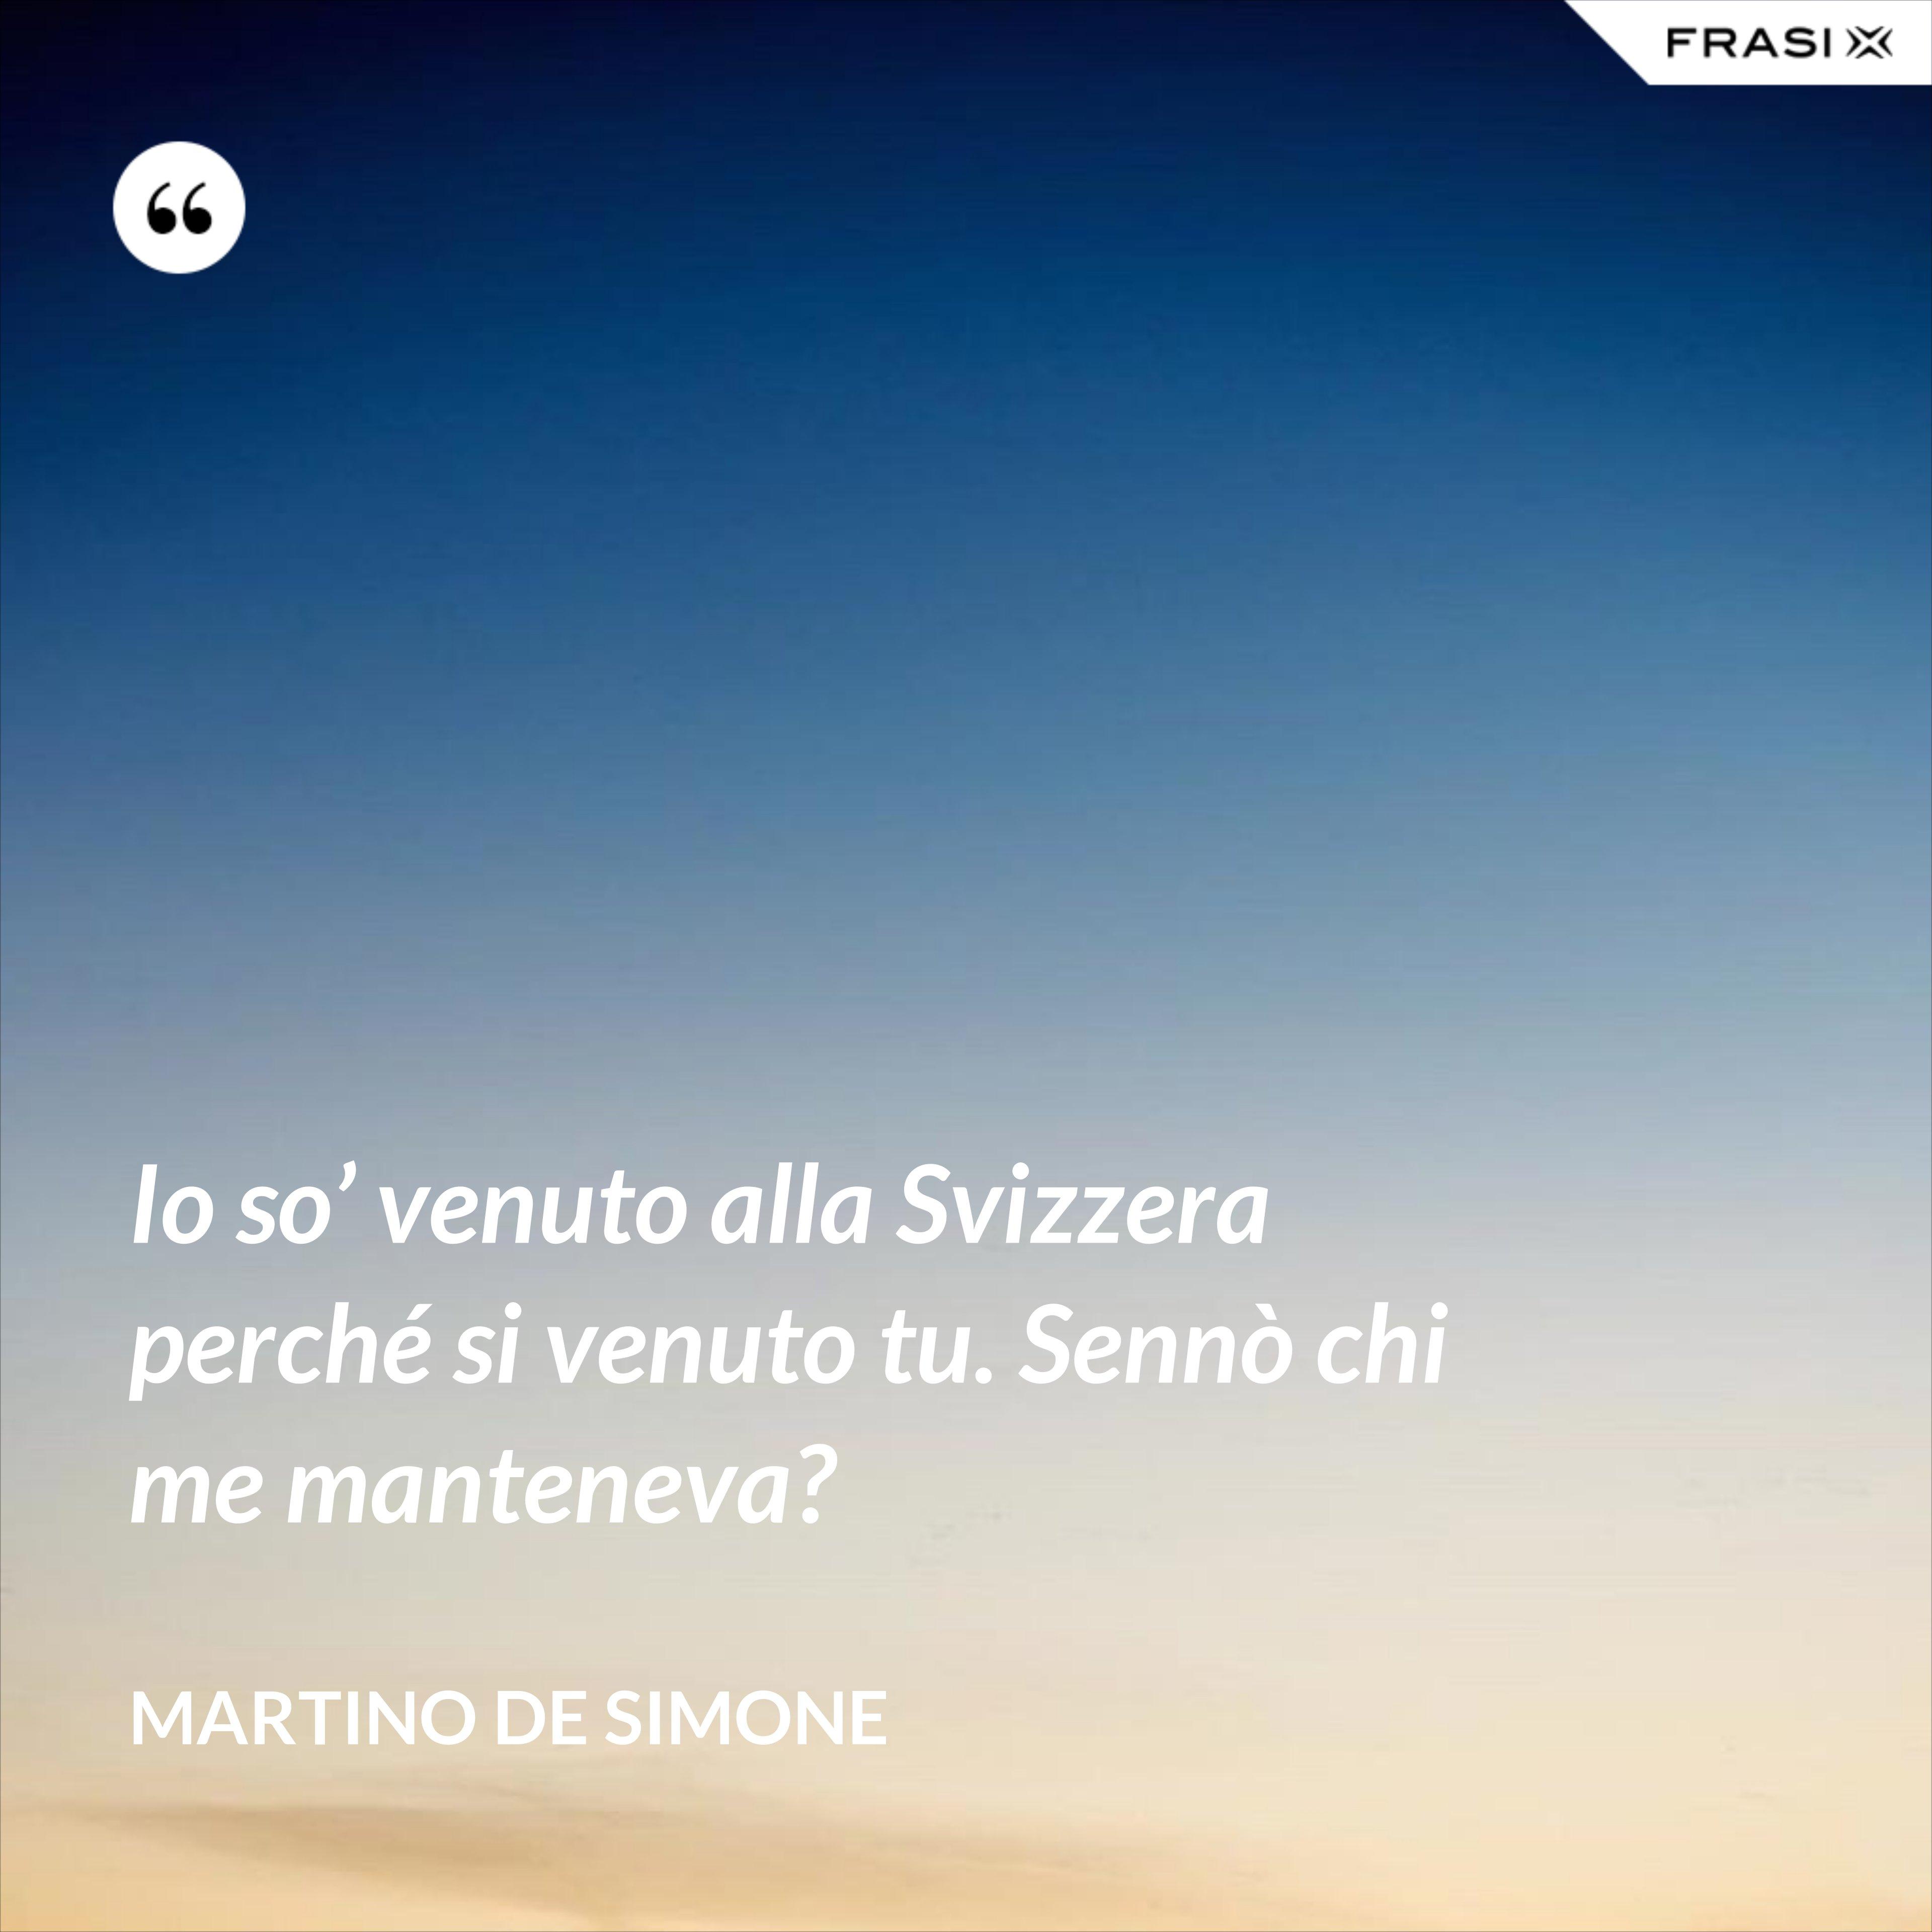 Io so' venuto alla Svizzera perché si venuto tu. Sennò chi me manteneva? - Martino De Simone